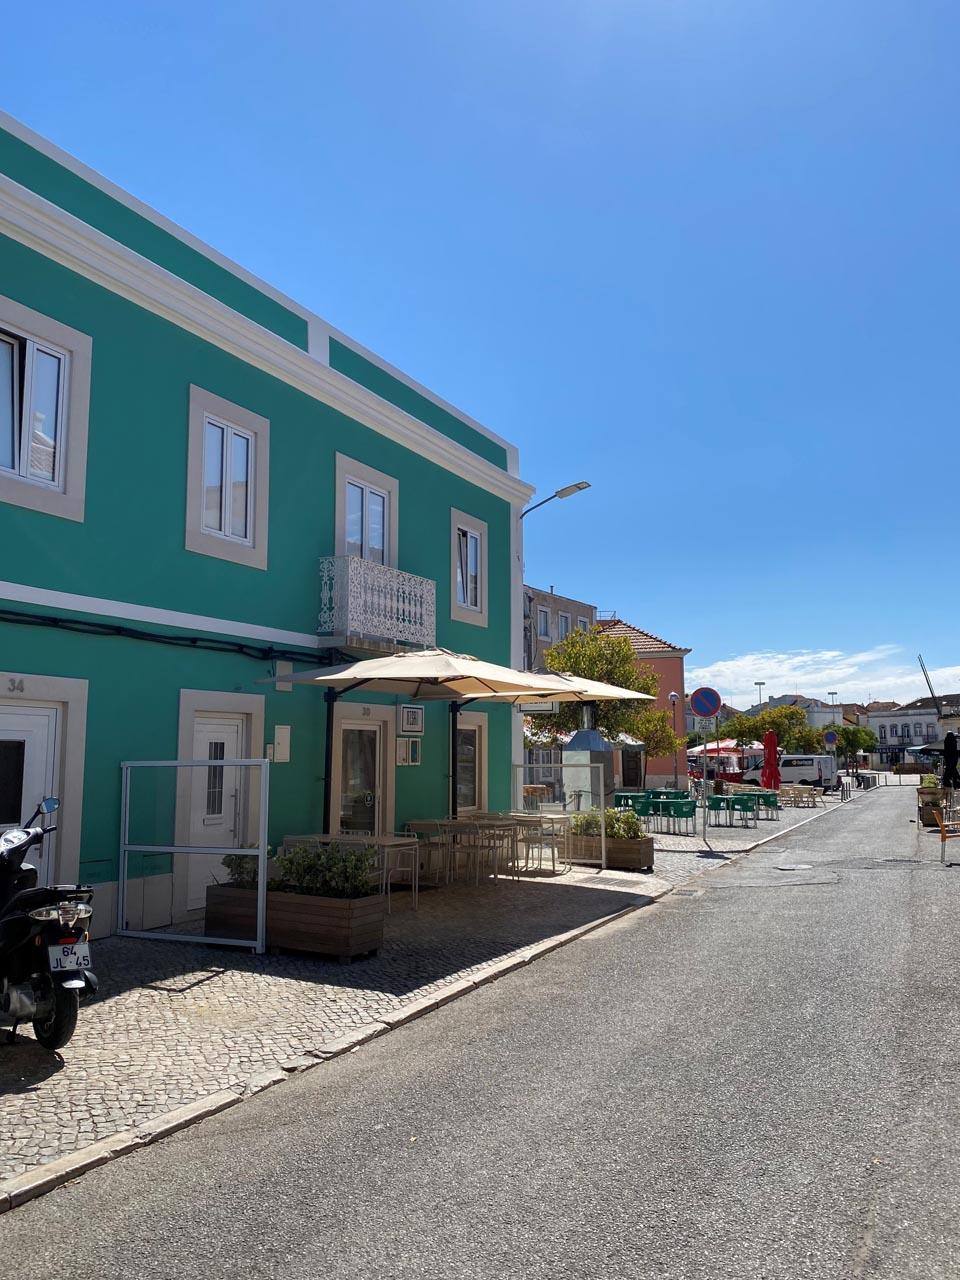 https://www.araujo-arquitectura.pt/wp-content/uploads/2020/12/IMG_0610.jpg